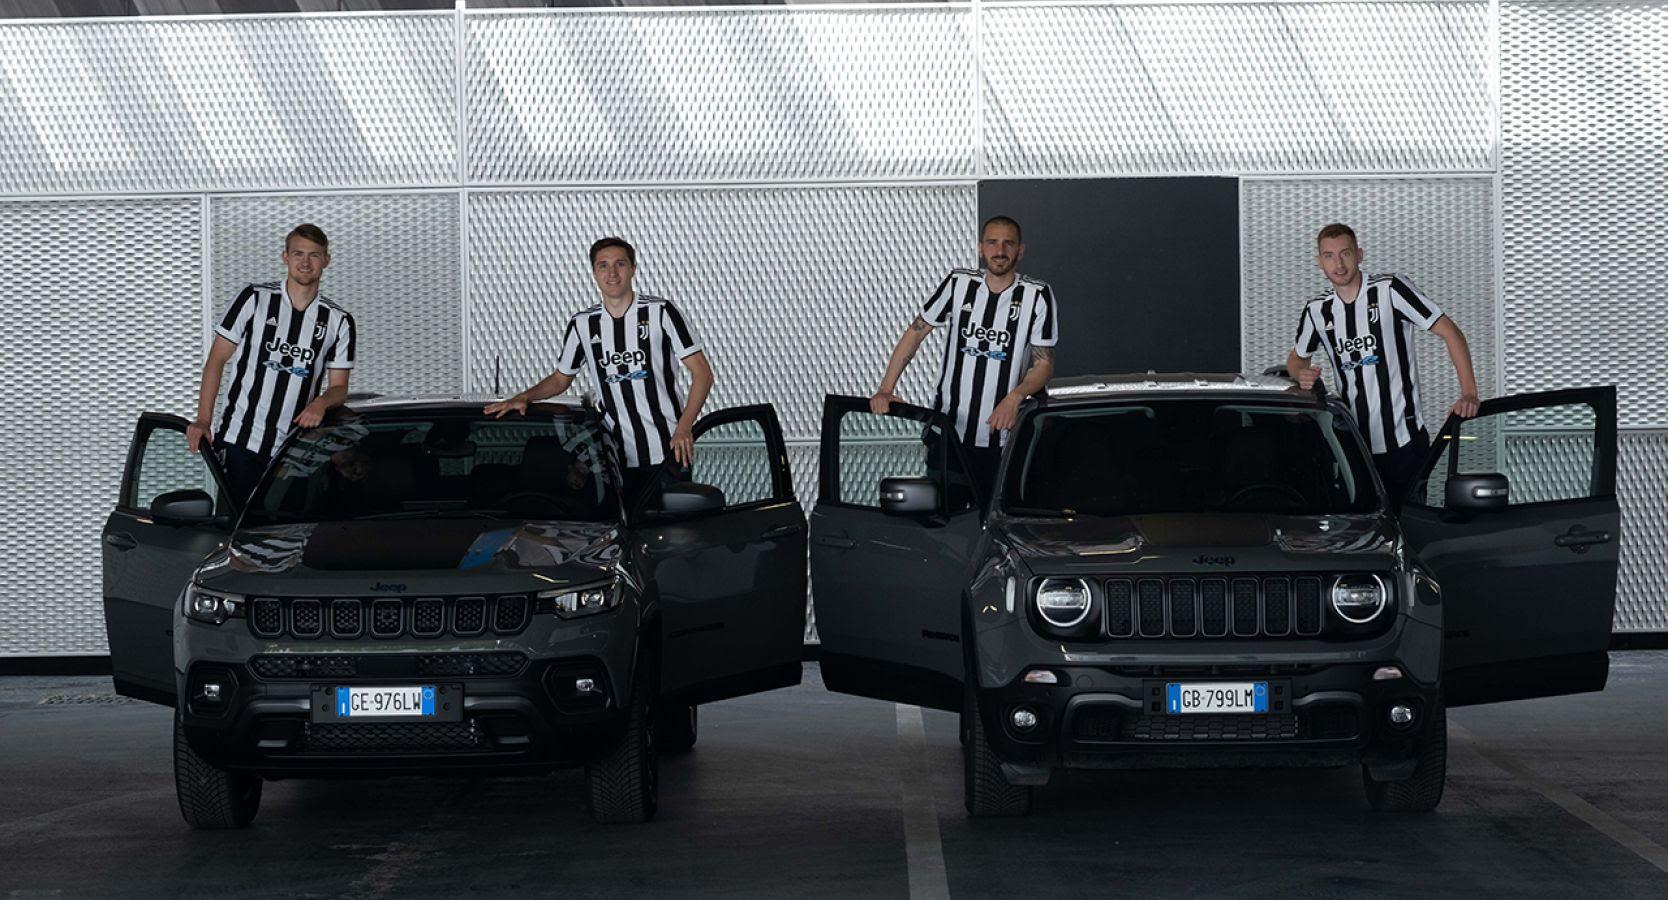 Οι ποδοσφαιριστές της Γιουβέντους δίπλα στα 4xe Plug-in Hybrid μοντέλα της Jeep.